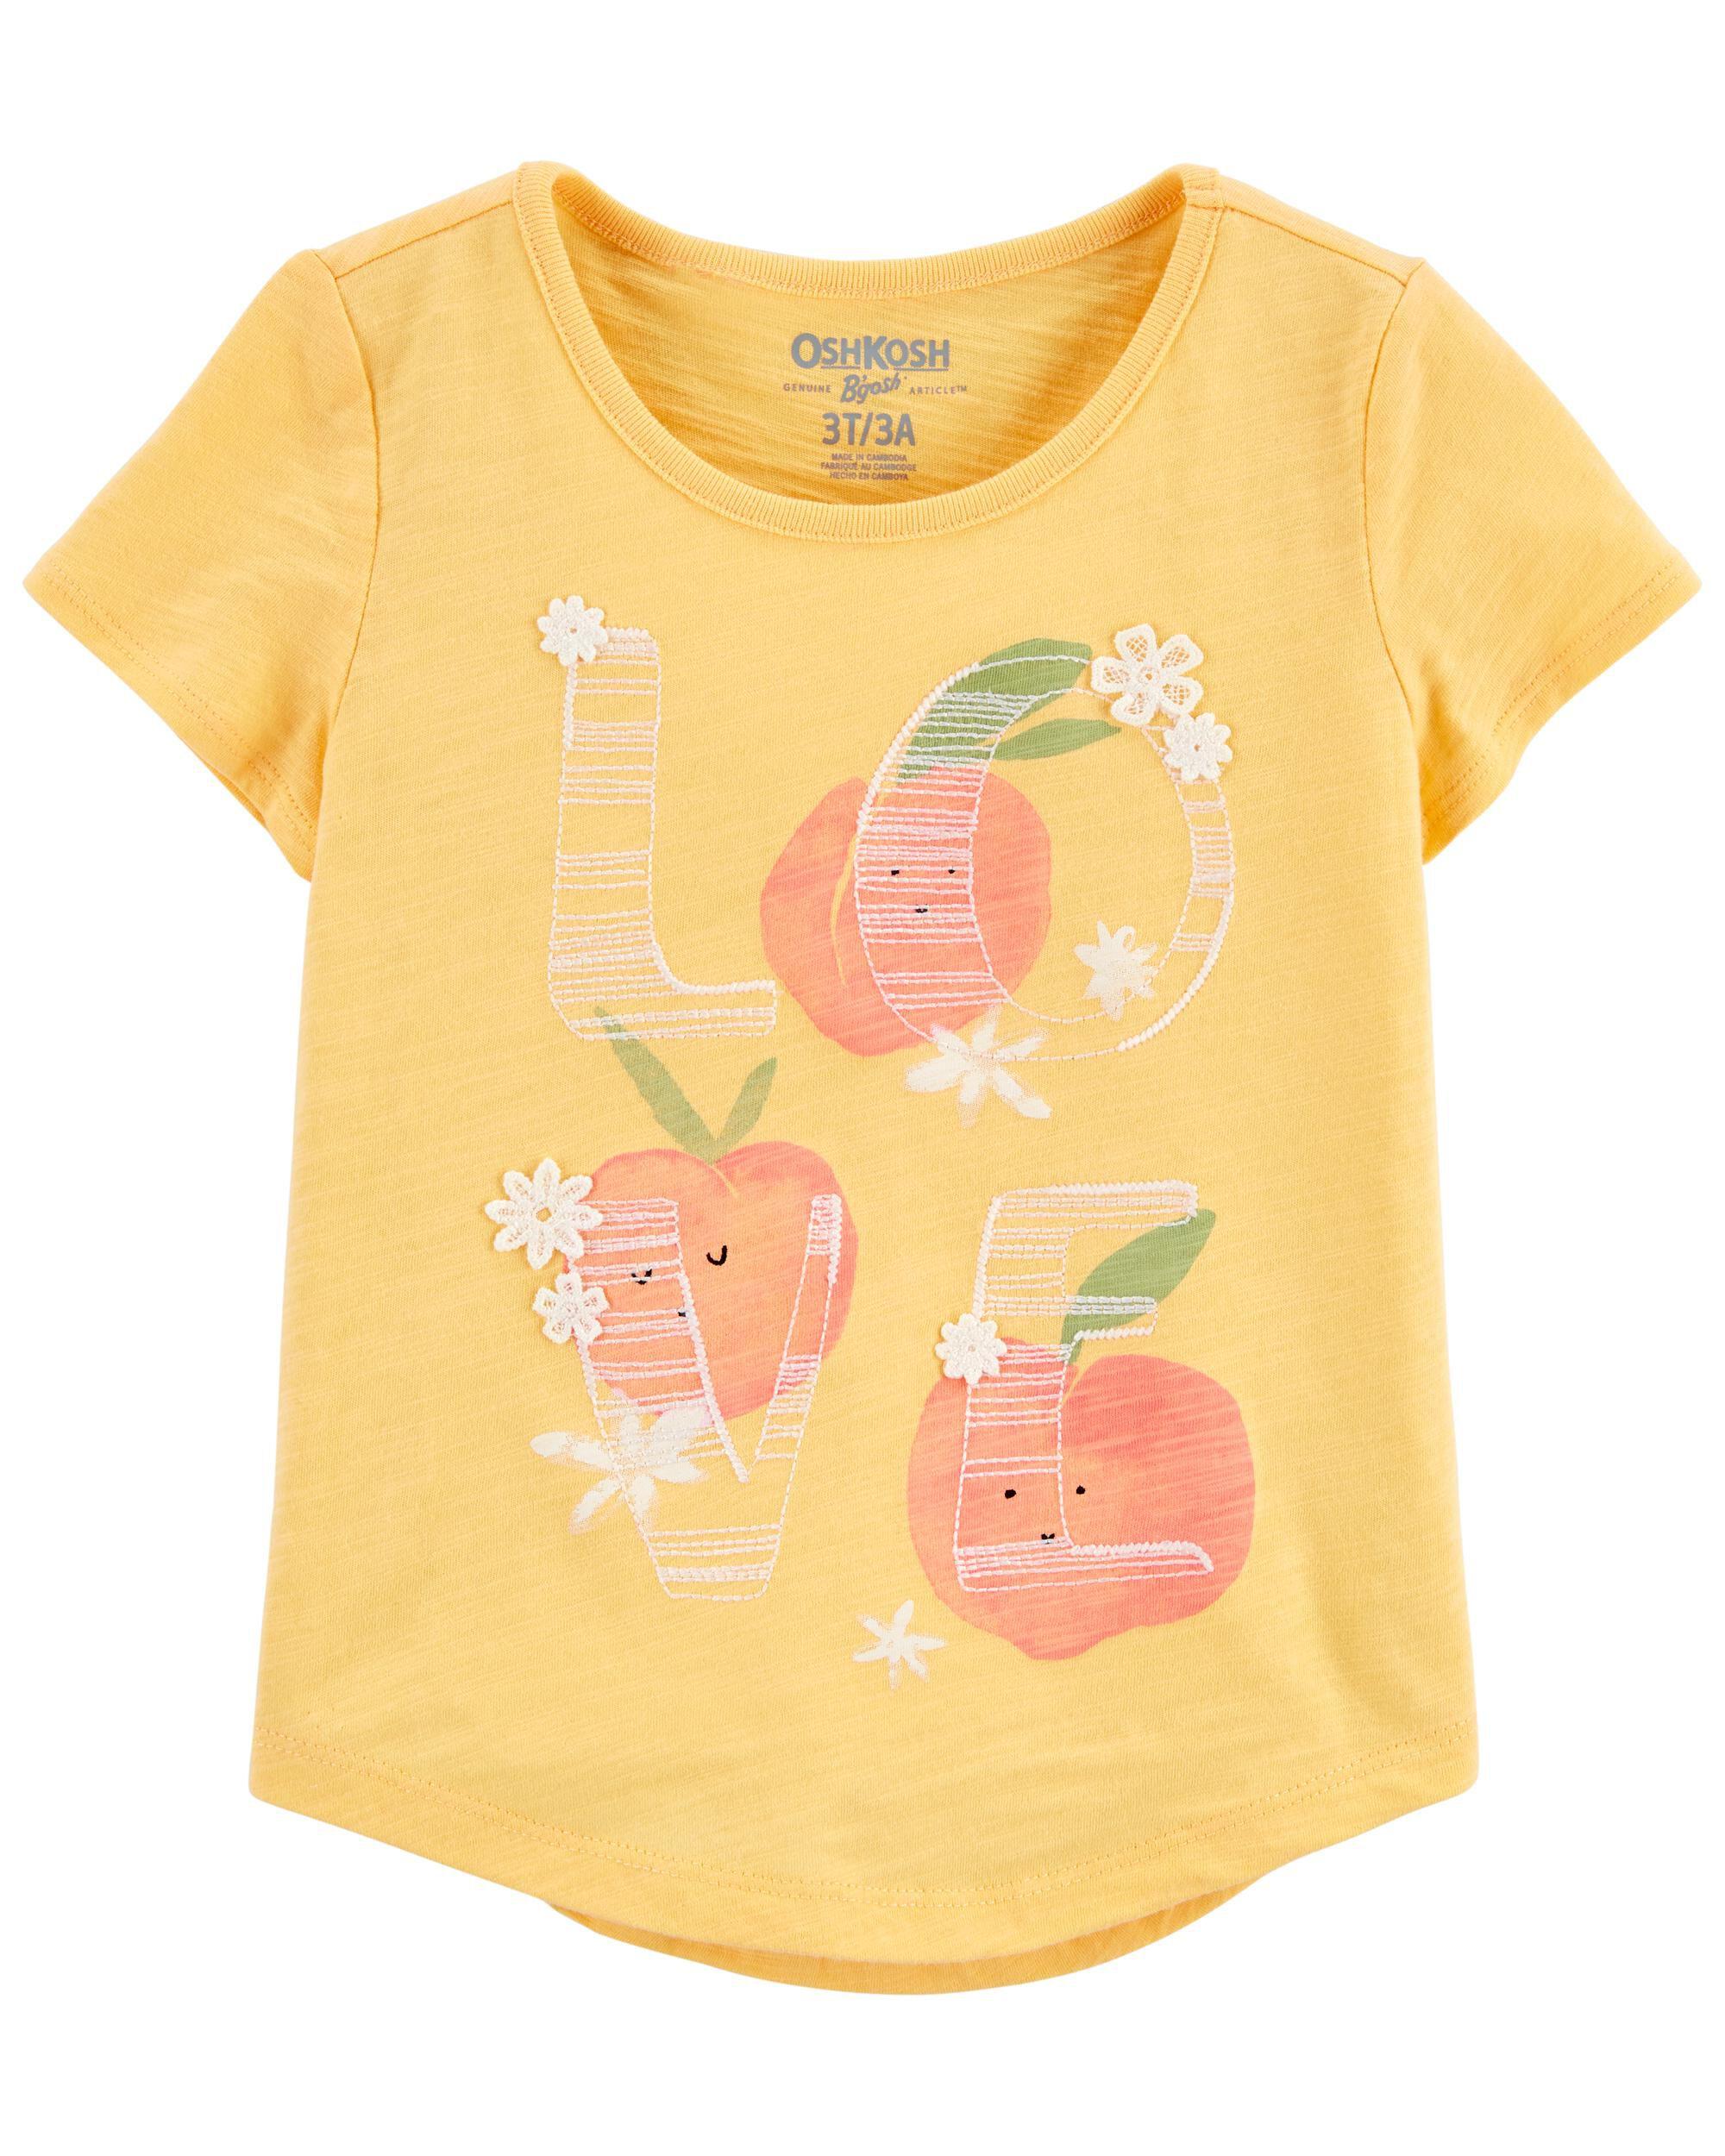 Oshkoshbgosh Peachy Love Tee